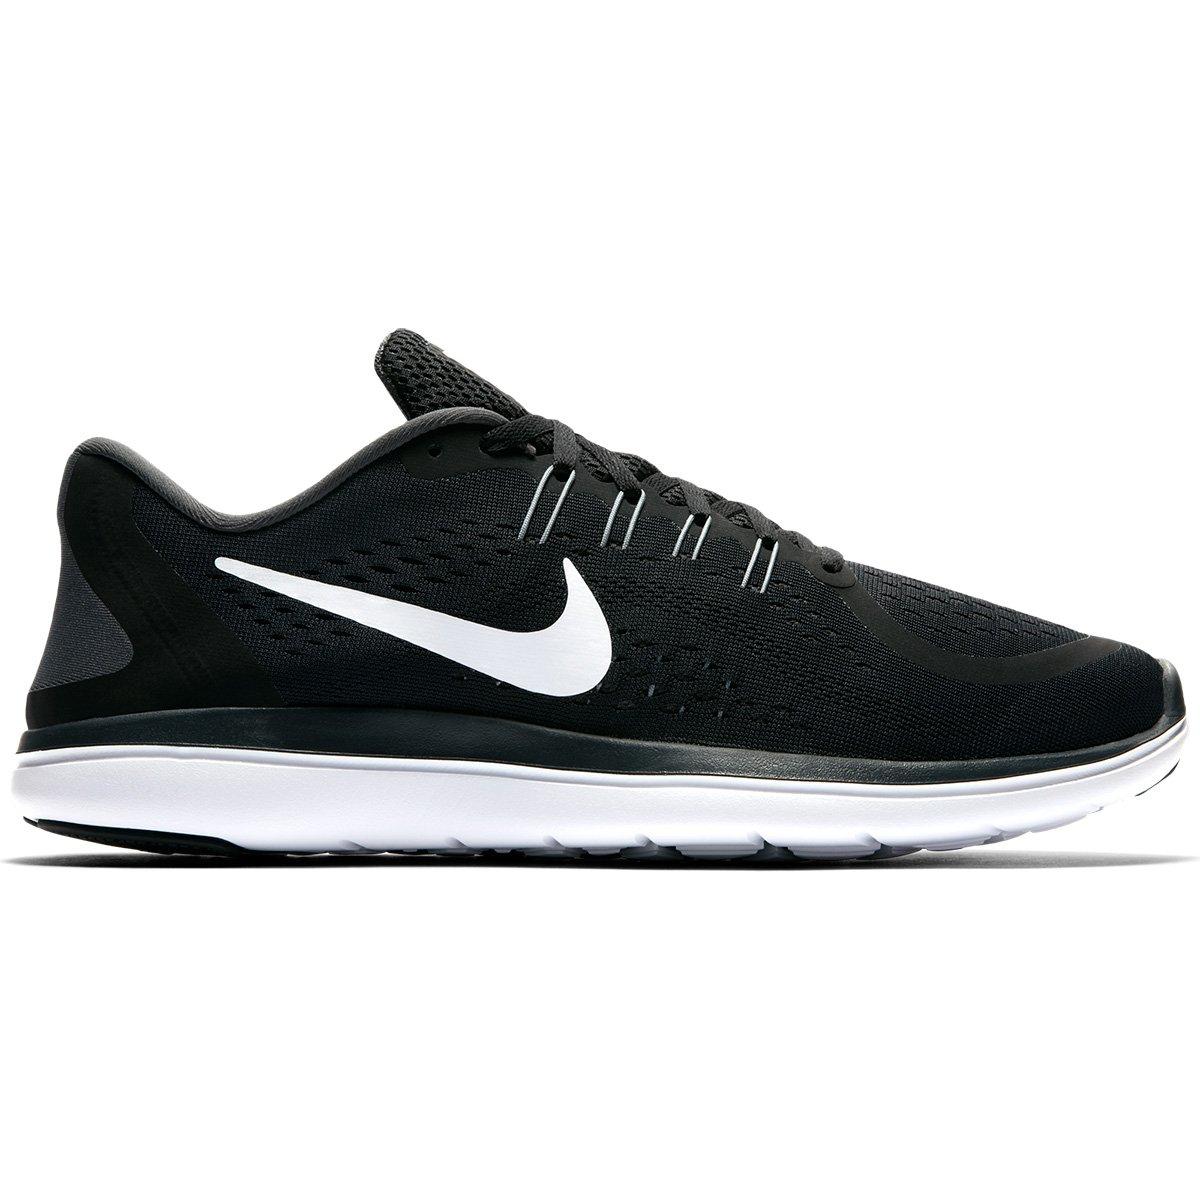 88bf40db76f Tênis Nike Flex Run Masculino - Preto e Branco - Compre Agora